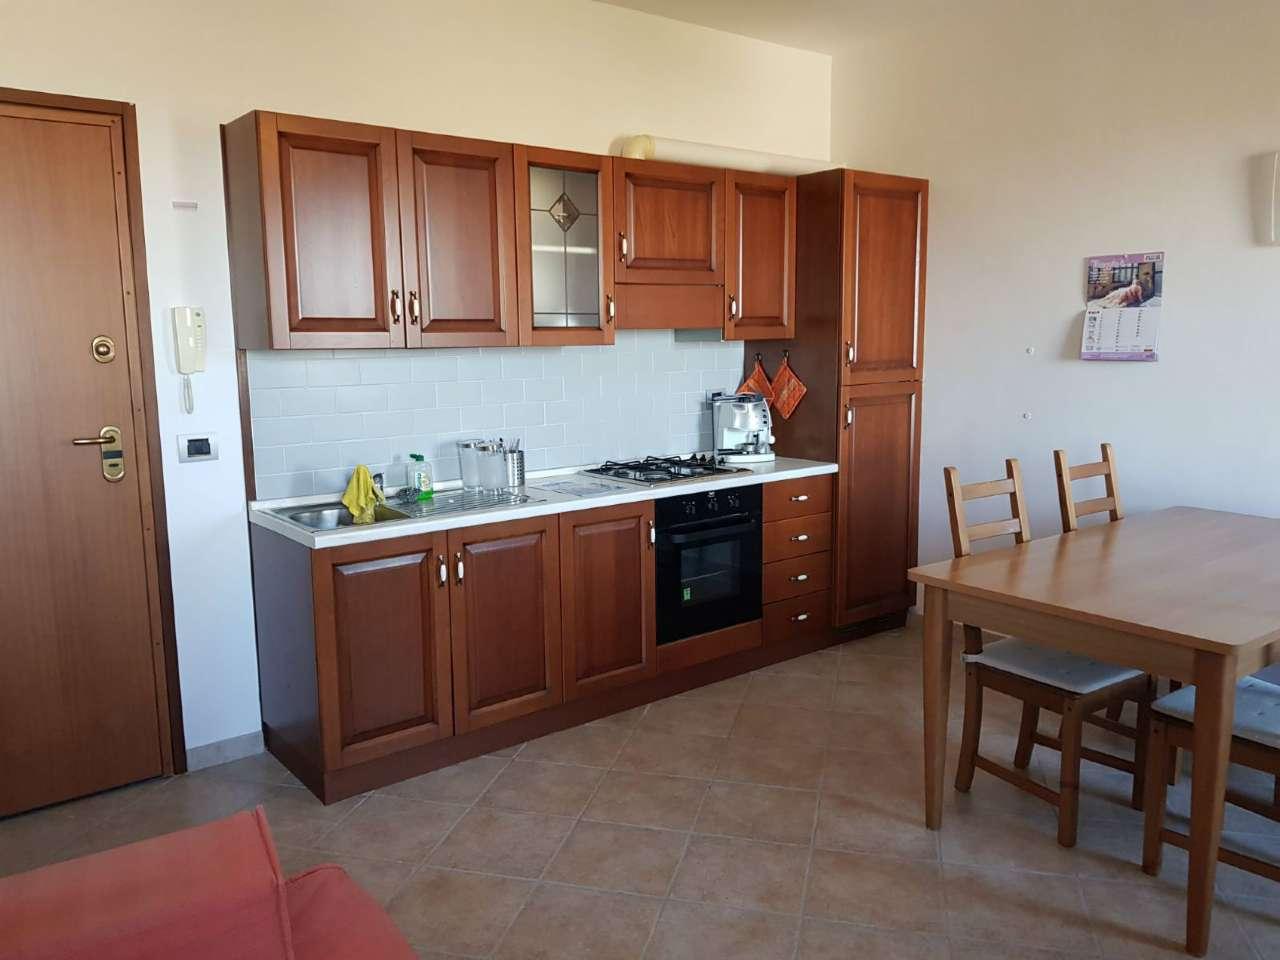 Appartamento in vendita a Agugliano, 2 locali, prezzo € 79.000 | CambioCasa.it